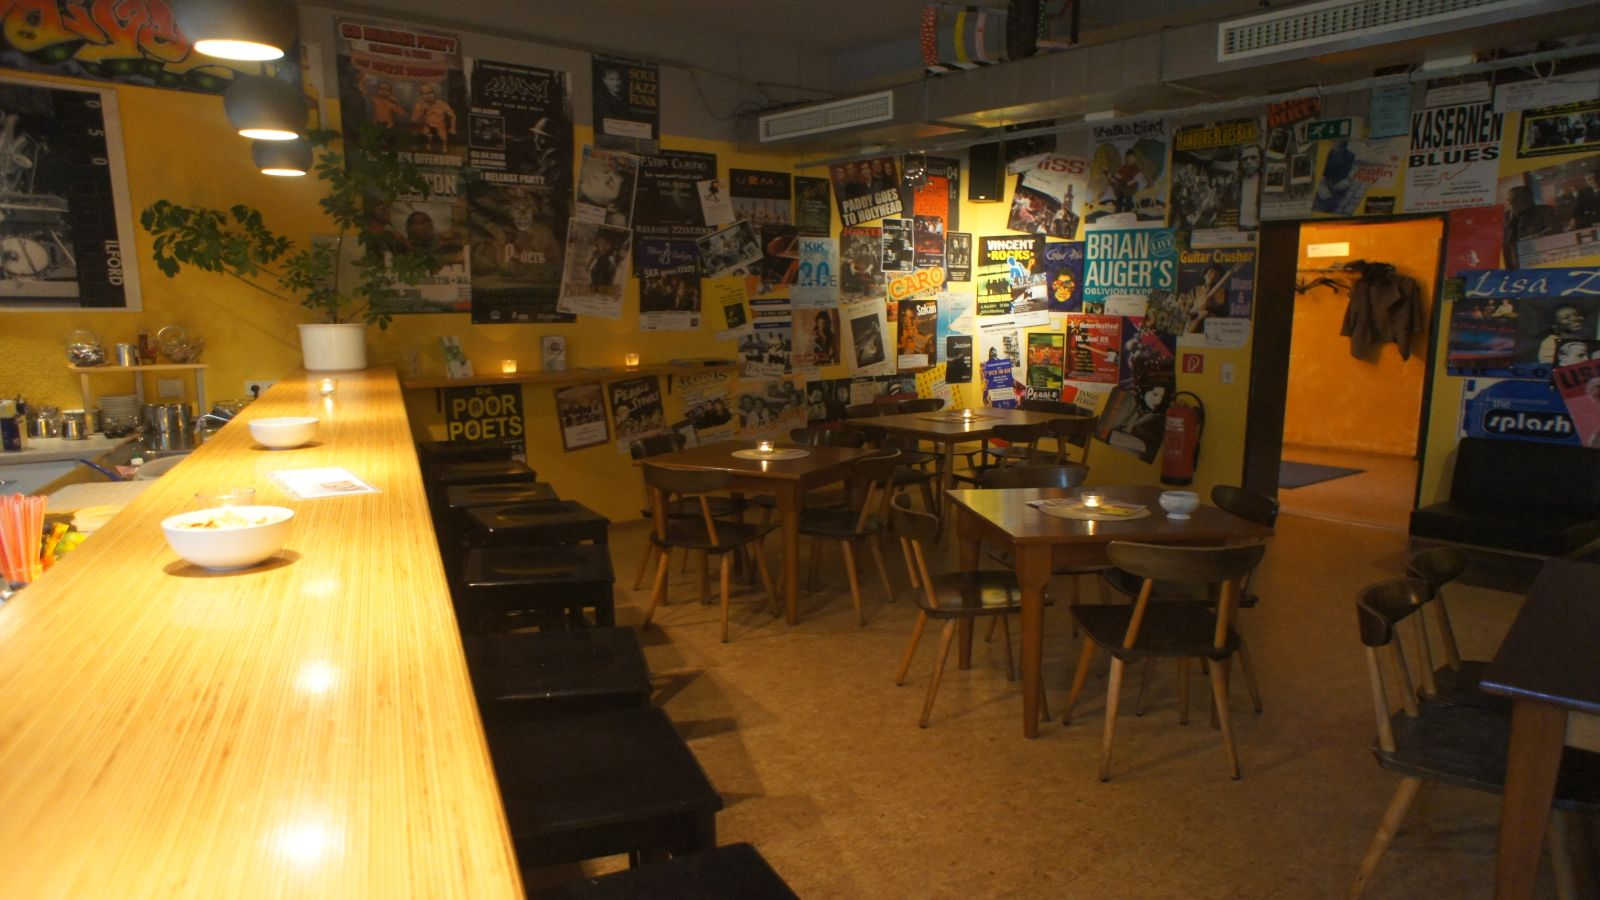 Foto: Kik-Kneipenraum mit Theke, Barhockern und Tischen mit Stühlen. Im Hintergrund eine Eckwand mit vielen Plakaten.